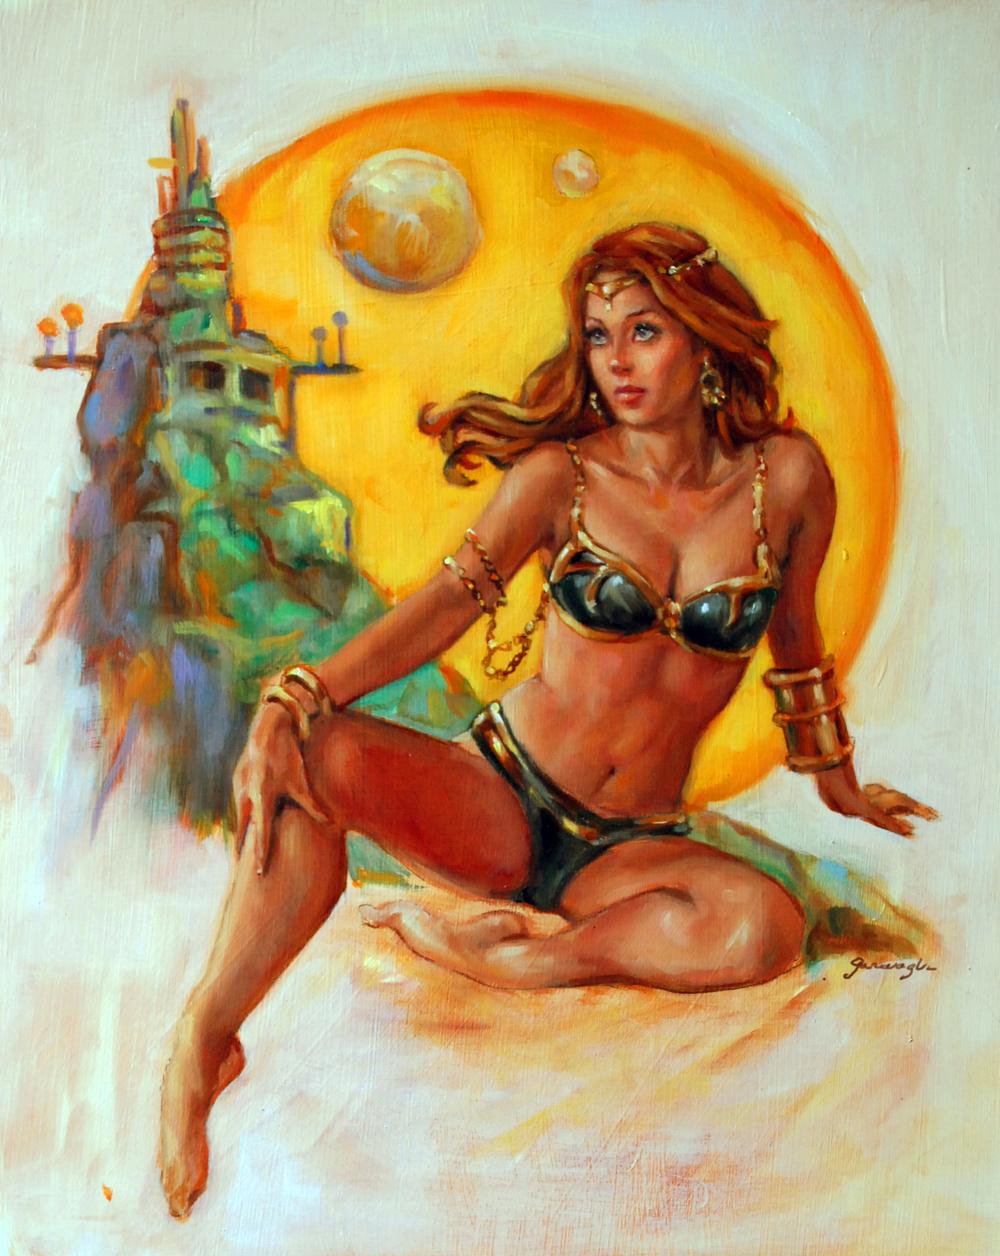 oil on Masonite. Princess of Mars